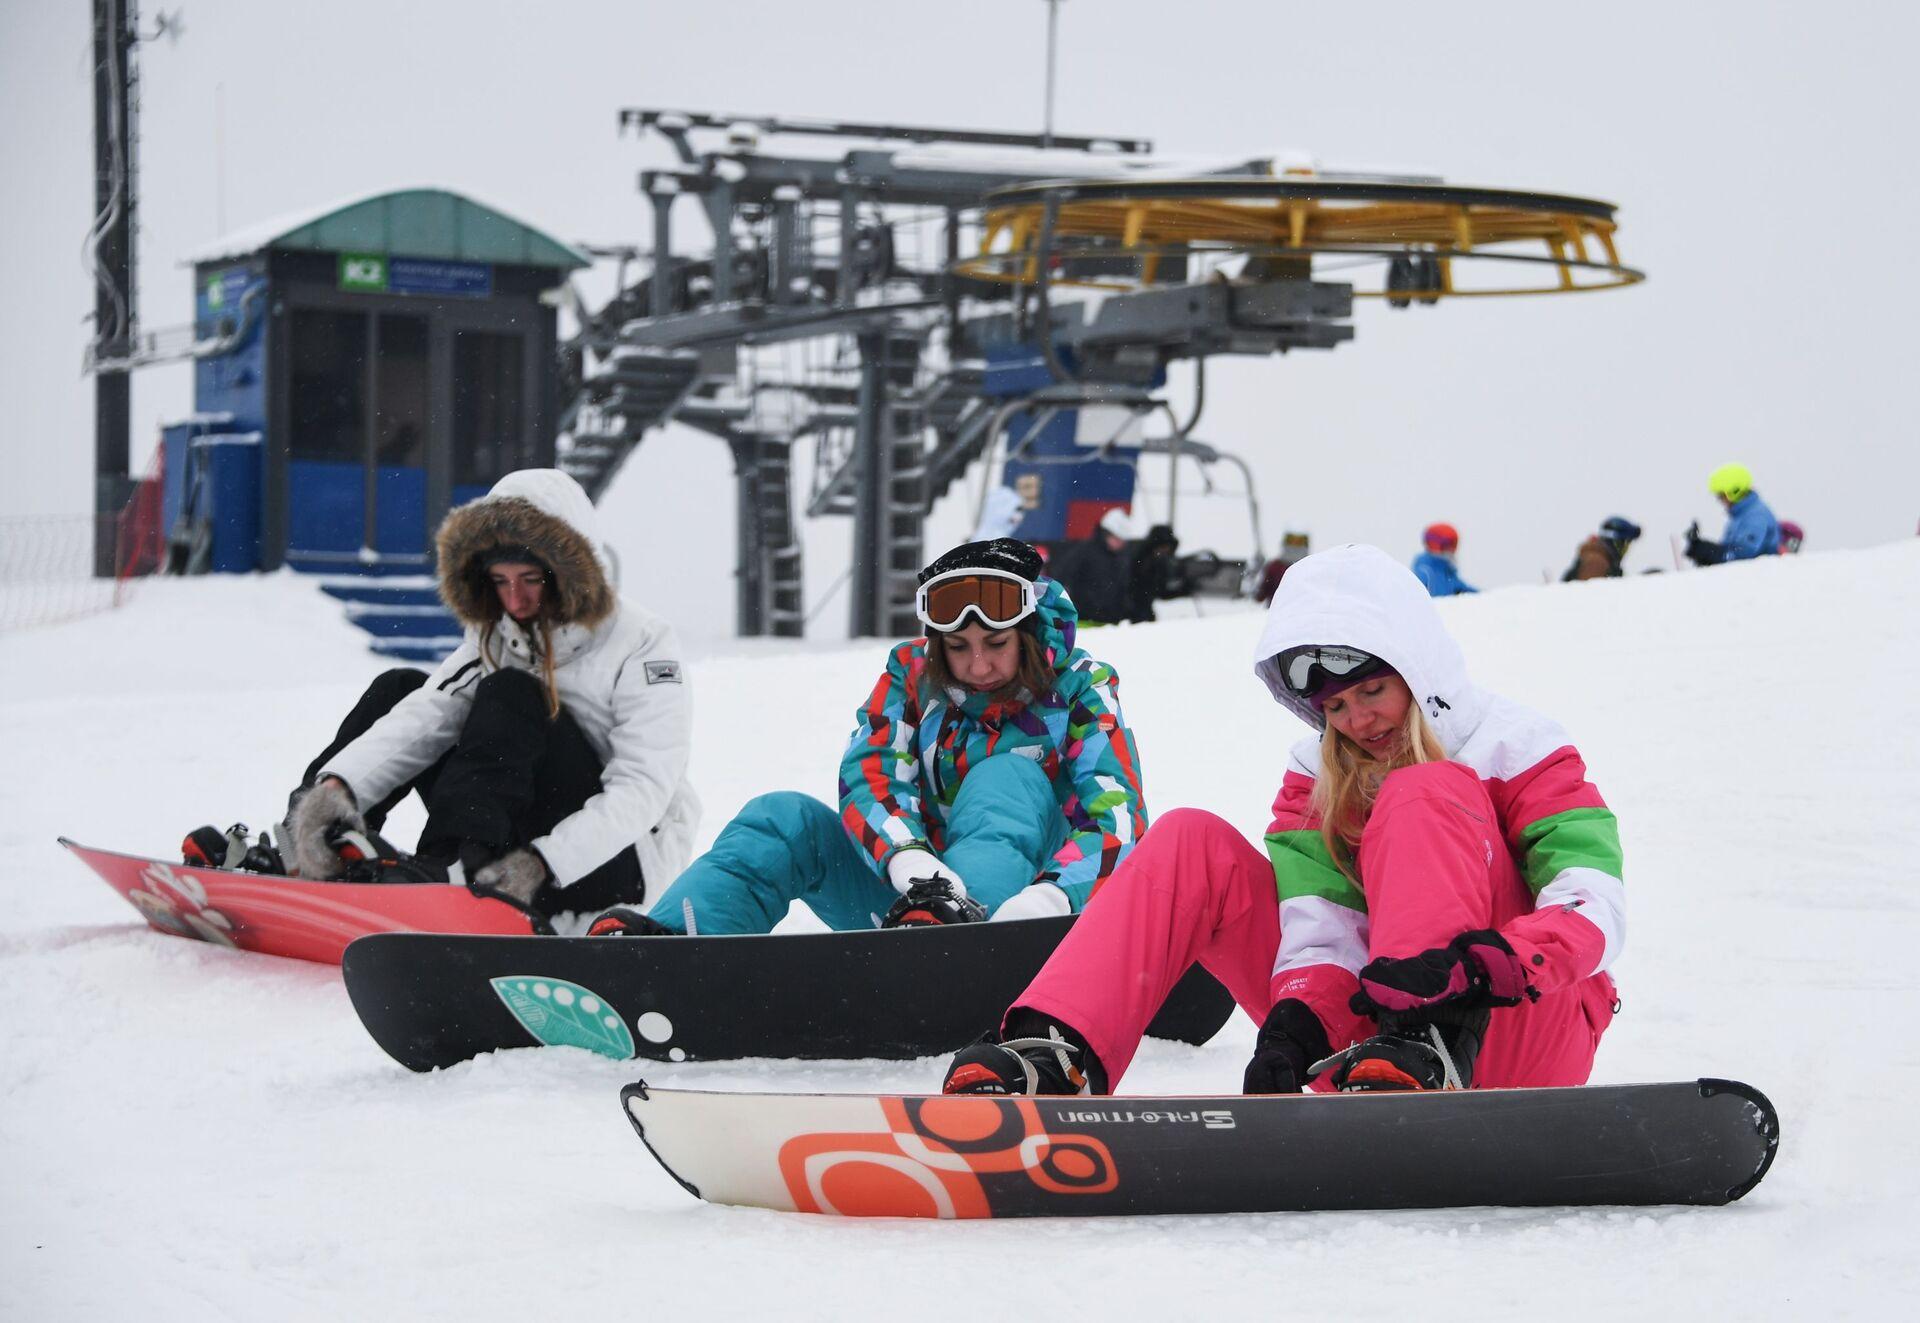 Сноубордисты на горнолыжном курорте Сорочаны в Московской области - РИА Новости, 1920, 01.12.2020